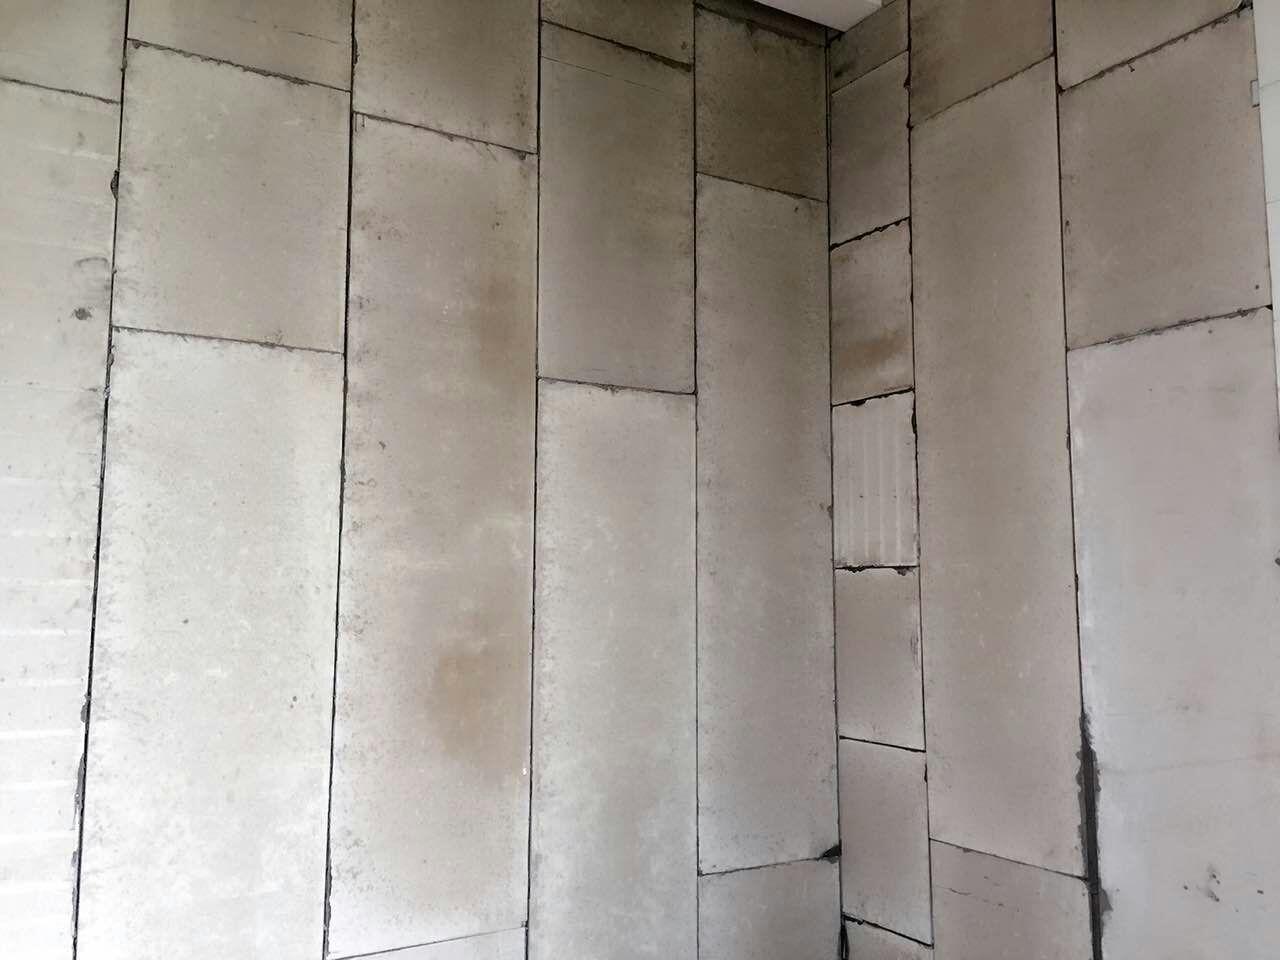 5倍;用钢结构方法锚固,墙体强度高,可作层高,跨度大的间隔墙体,整体